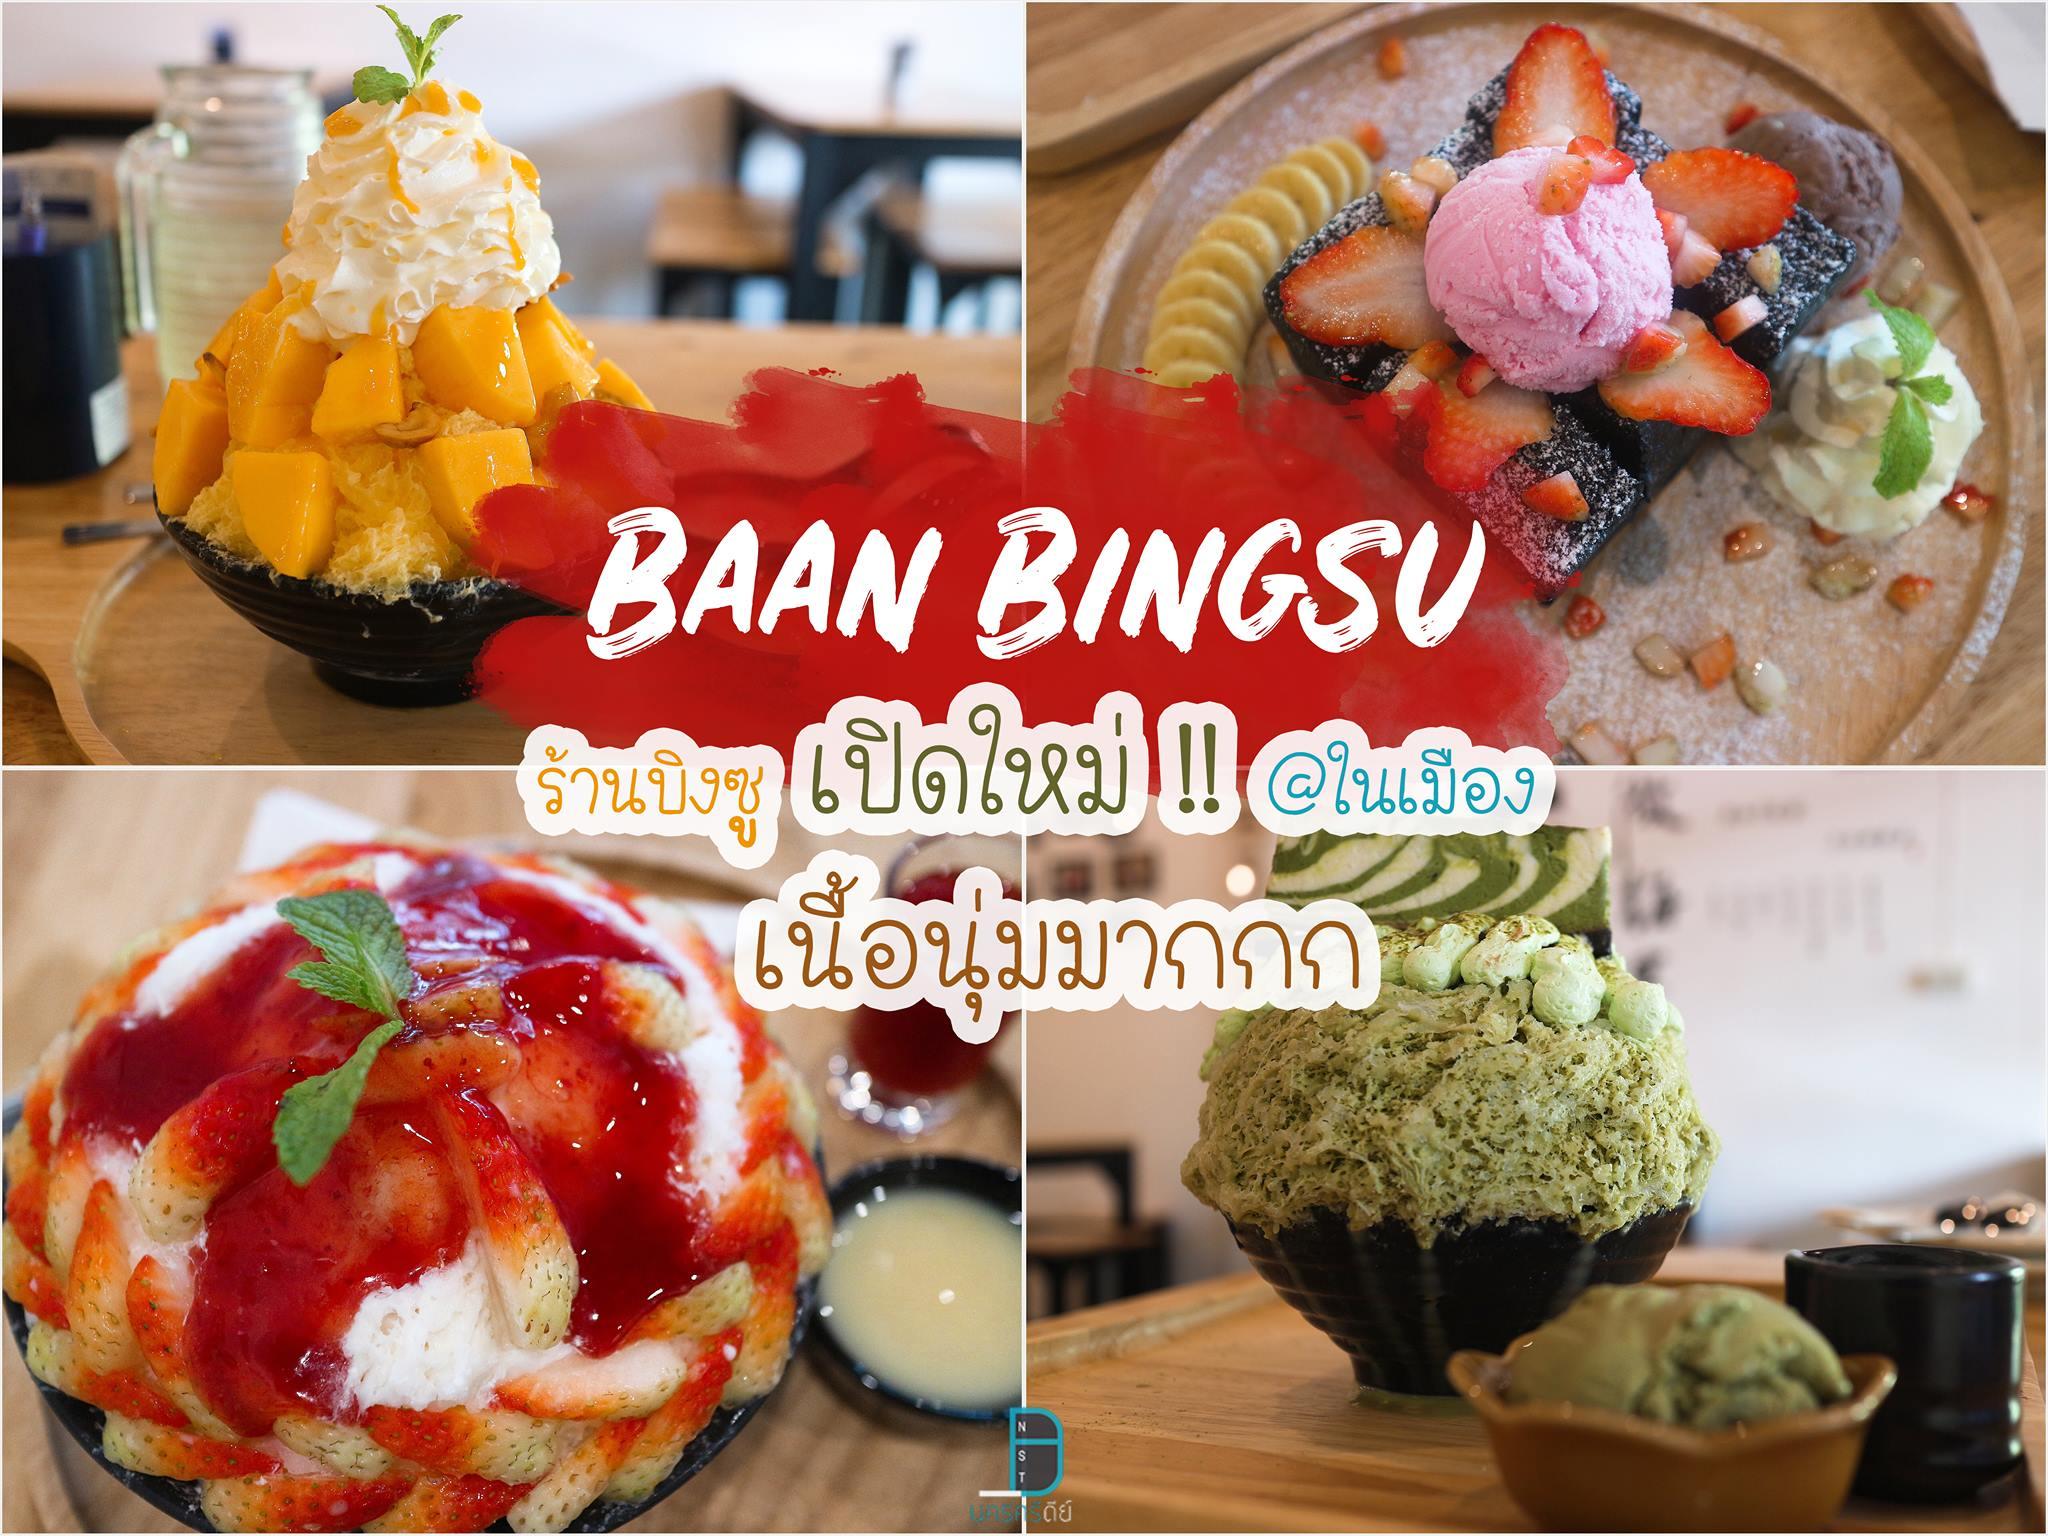 Baan Bing Su บ้านบิงซู ร้านบิงซูเปิดใหม่เมืองคอน